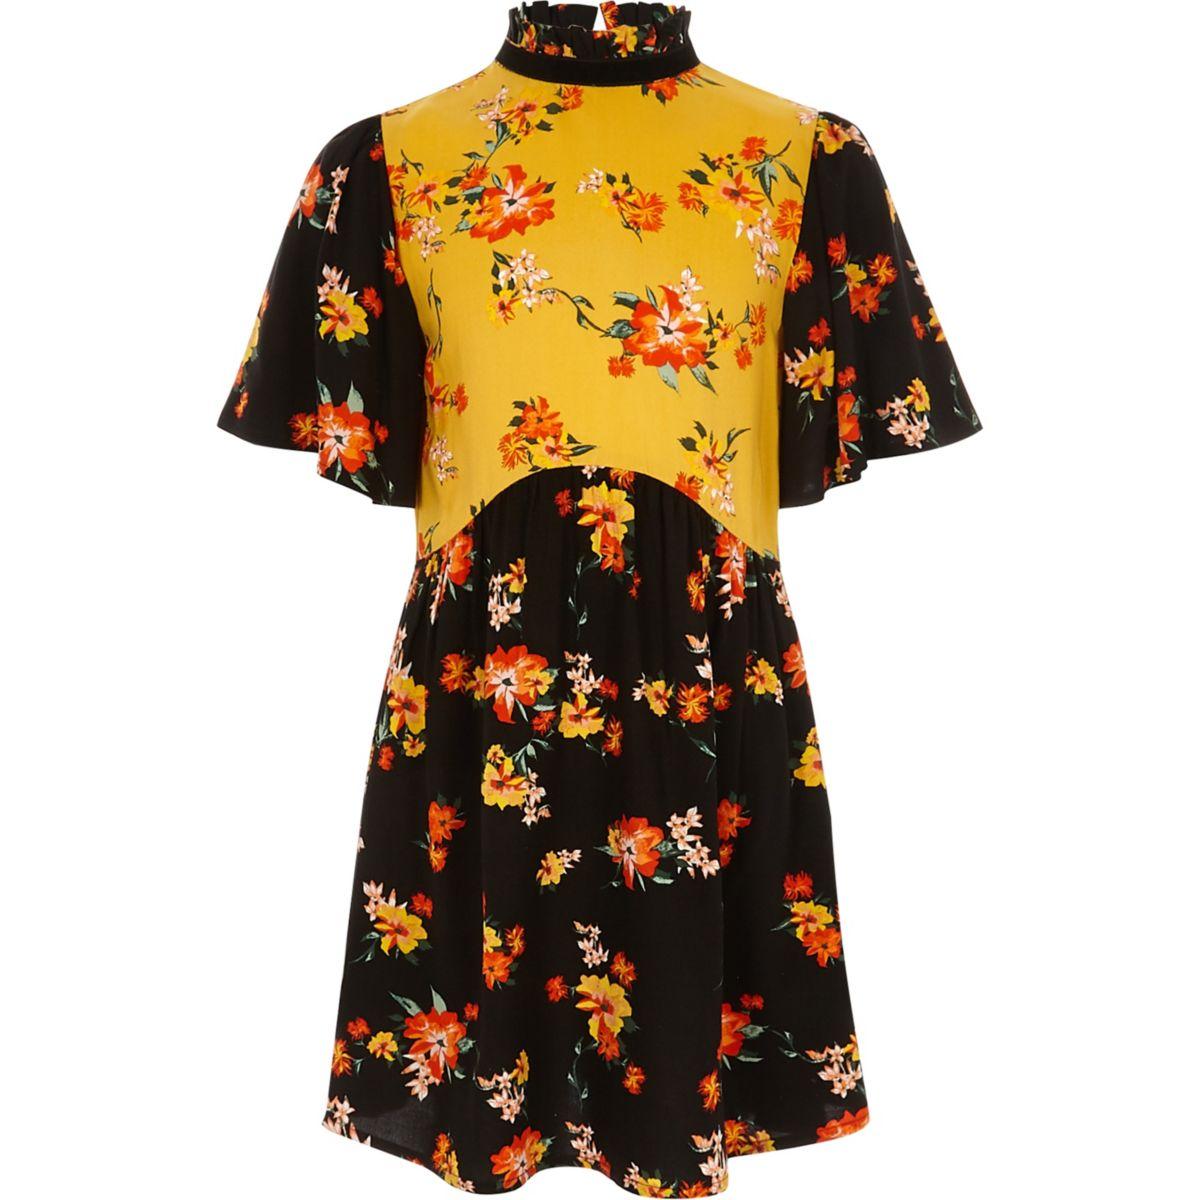 Robe noire à imprimé floral varié pour fille